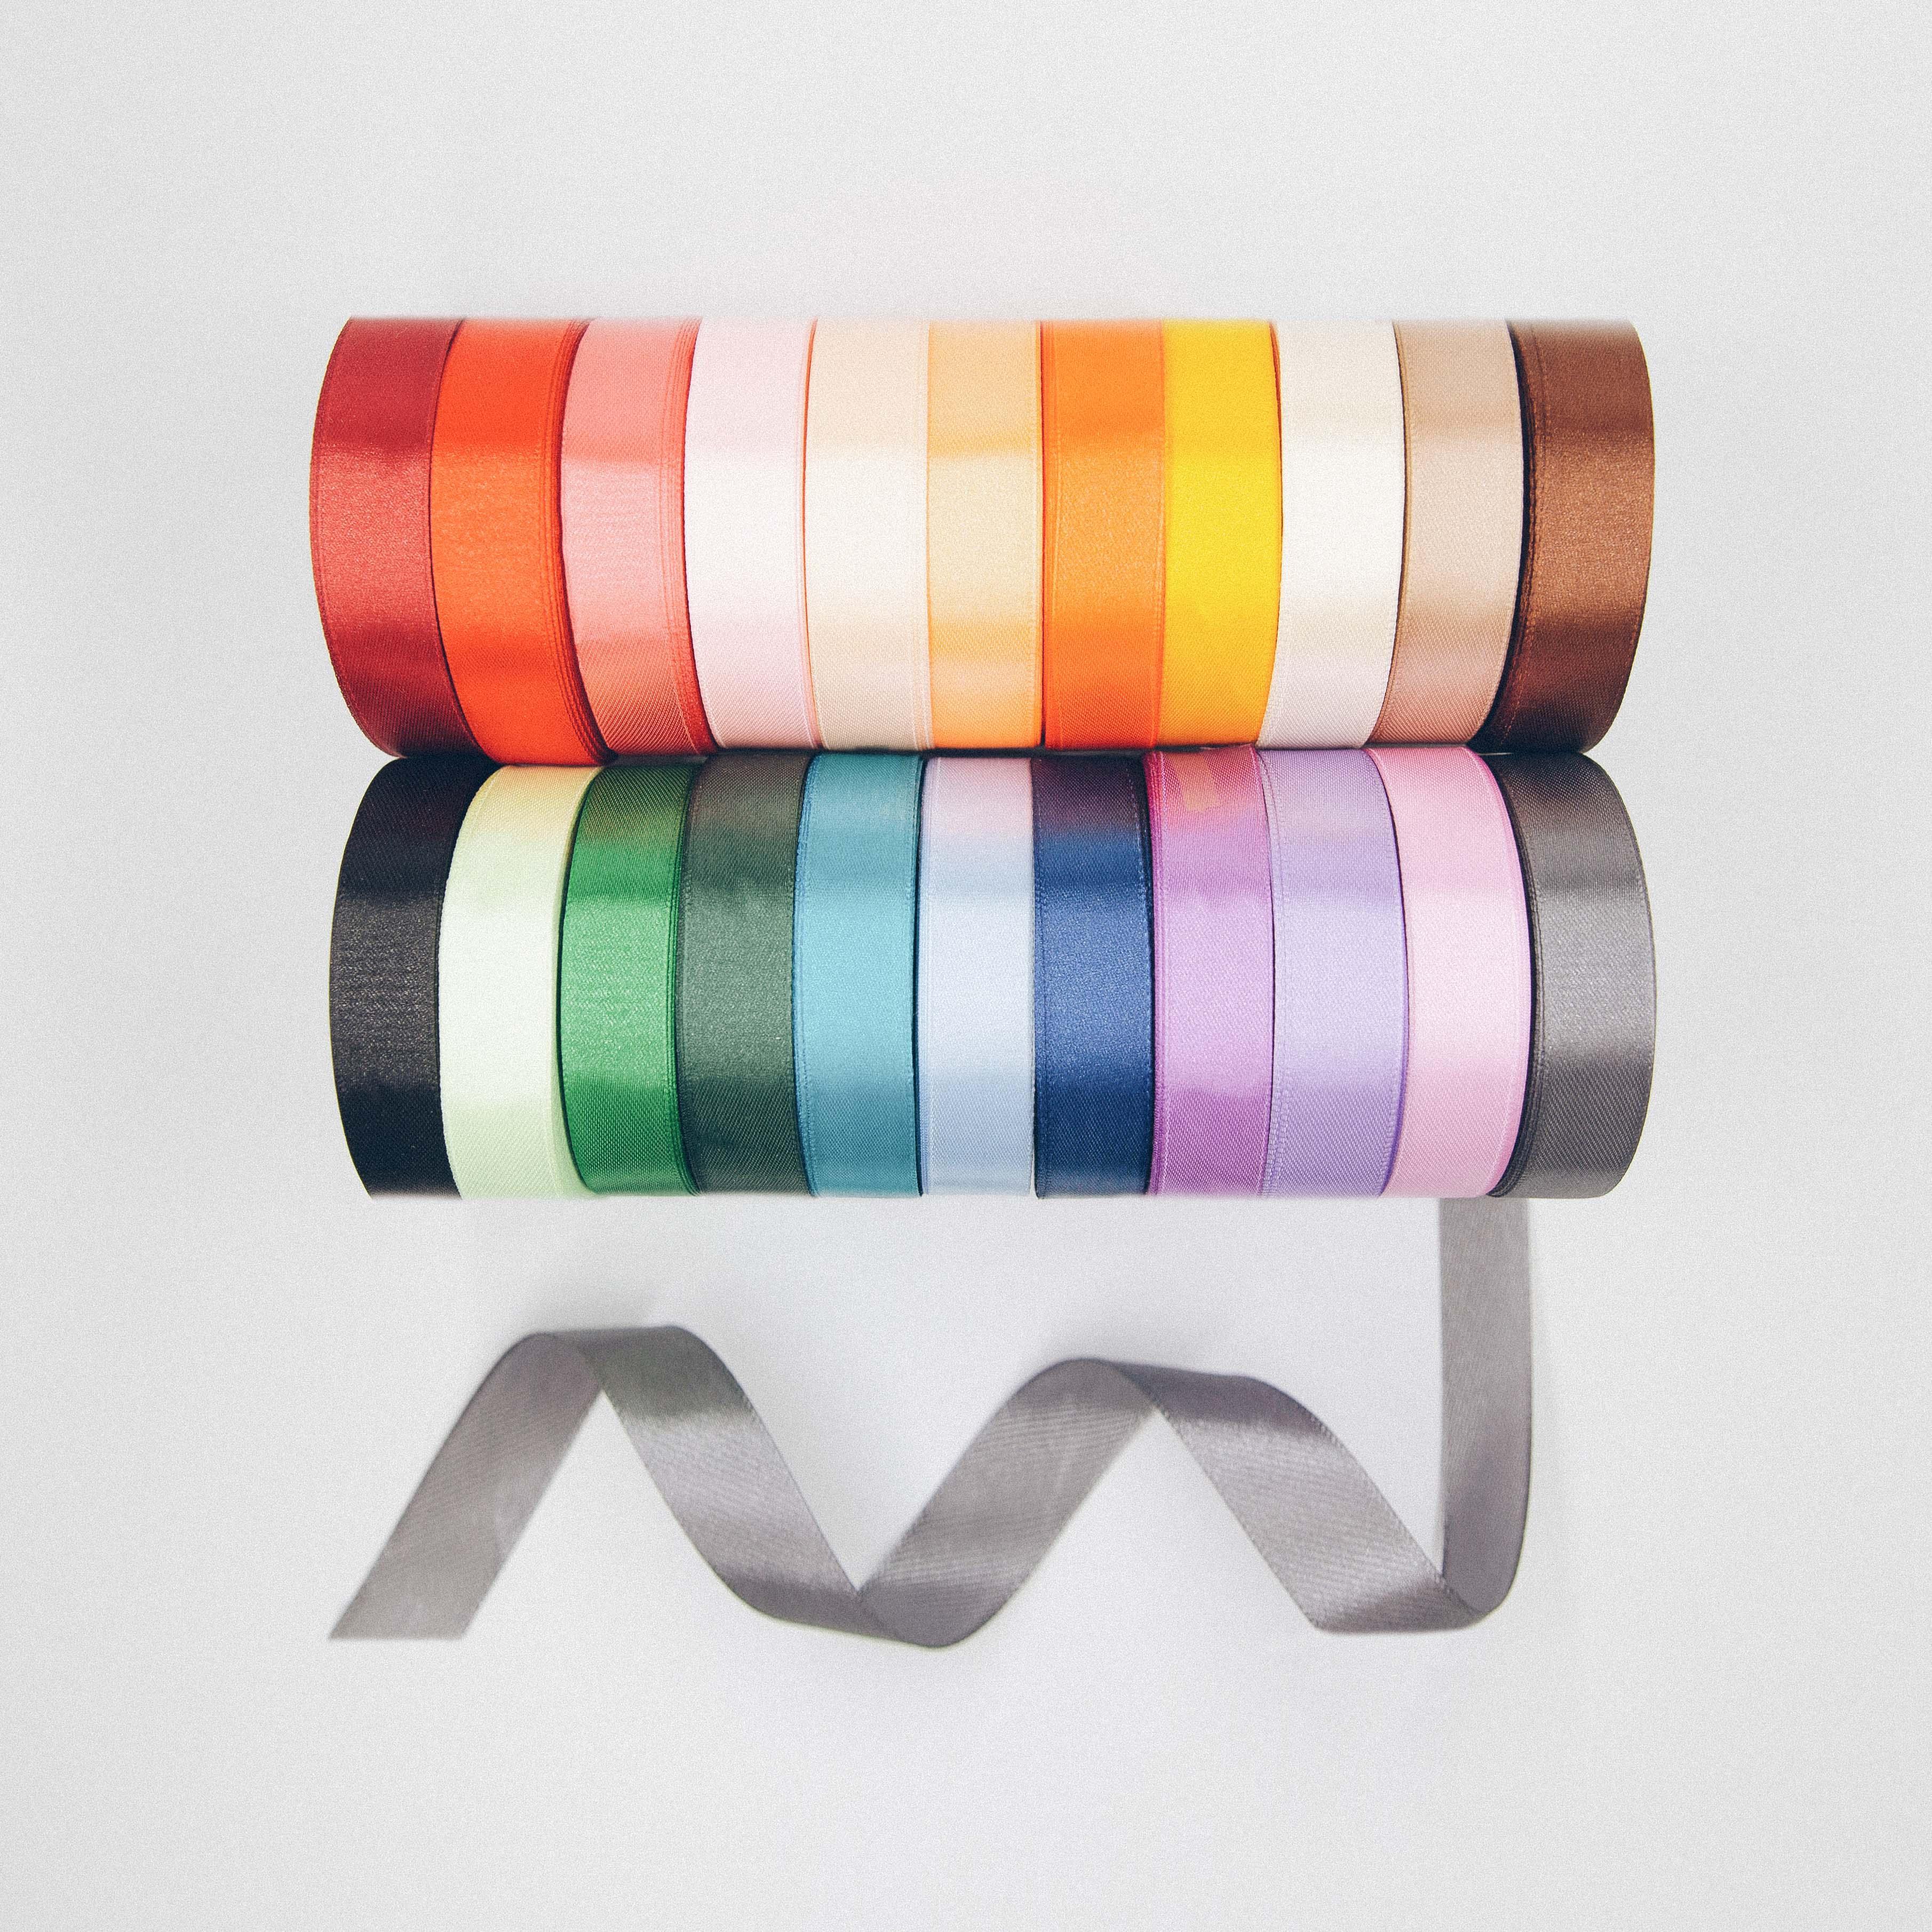 (25 ярдов/рулон) Сатиновые ленты из полушерстяной лентой для поделок diy вечерние подарочная упаковка Цветная декоративная лента Свадьба швейная